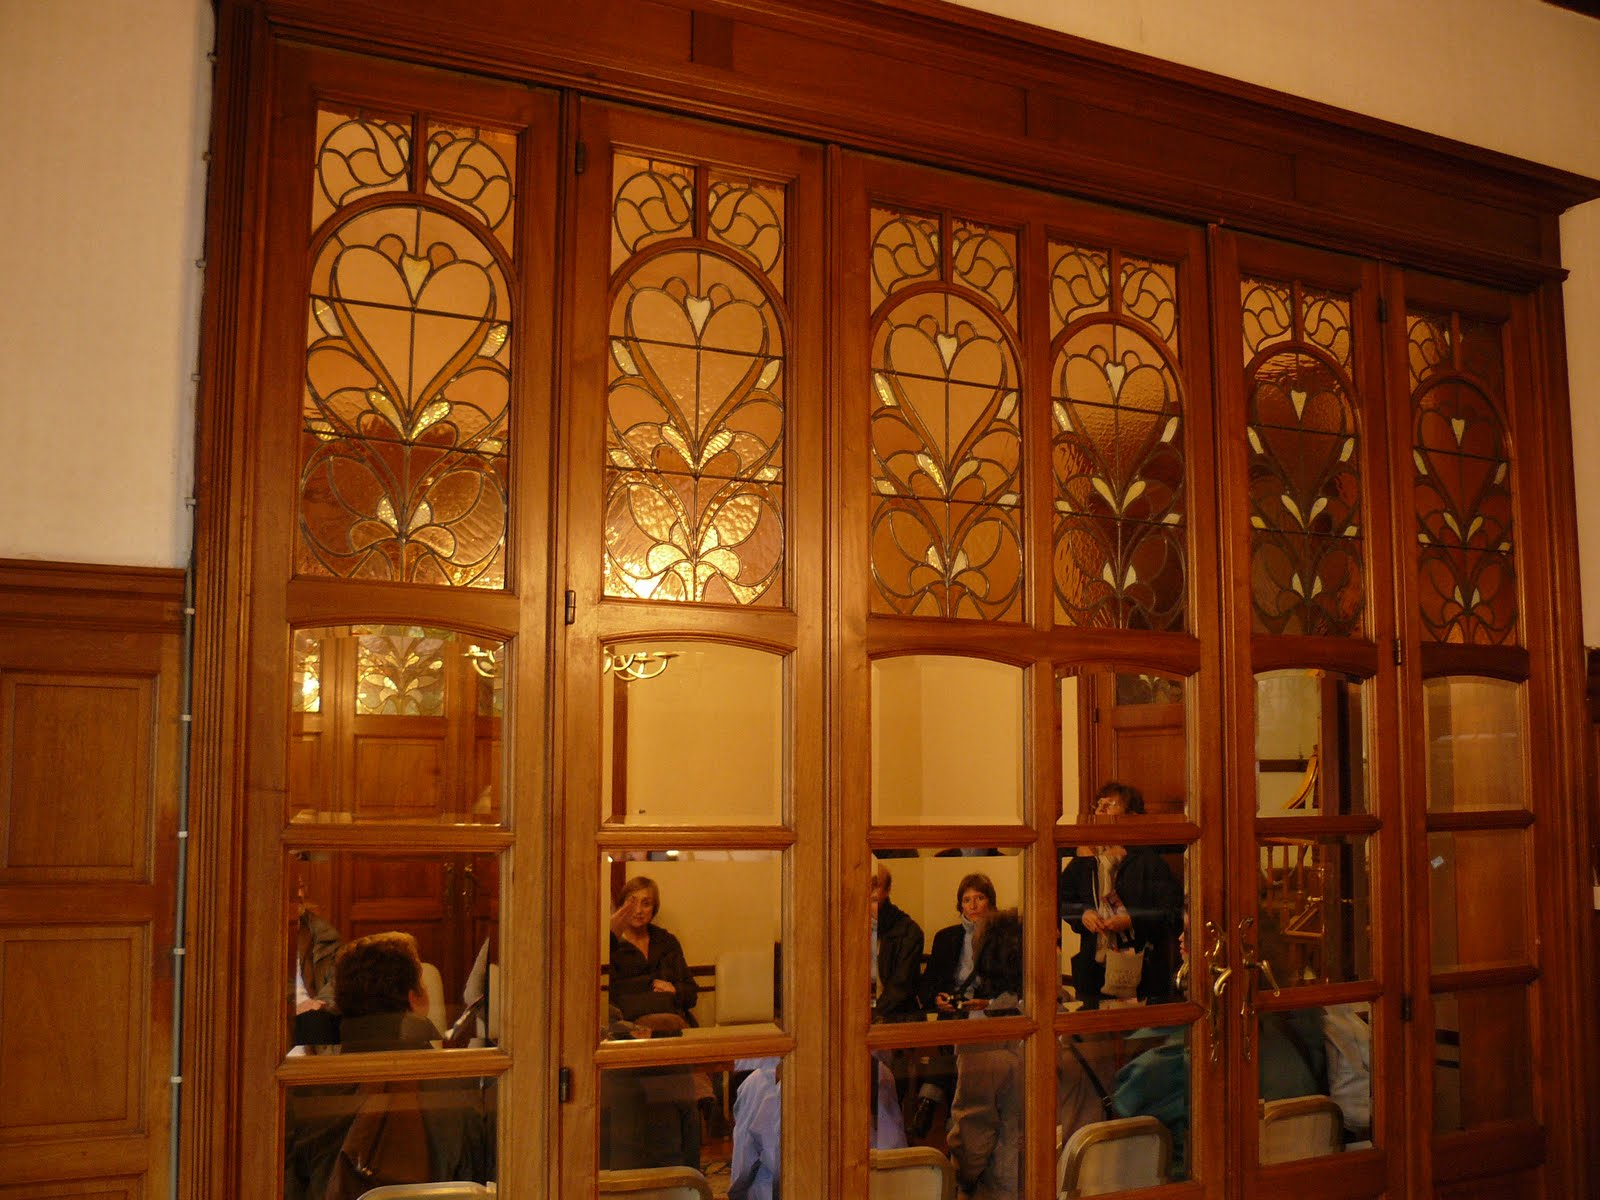 Die Wichtigsten Merkmale Vom Jugendstil Art Nouveau Mobel Und Deko ...